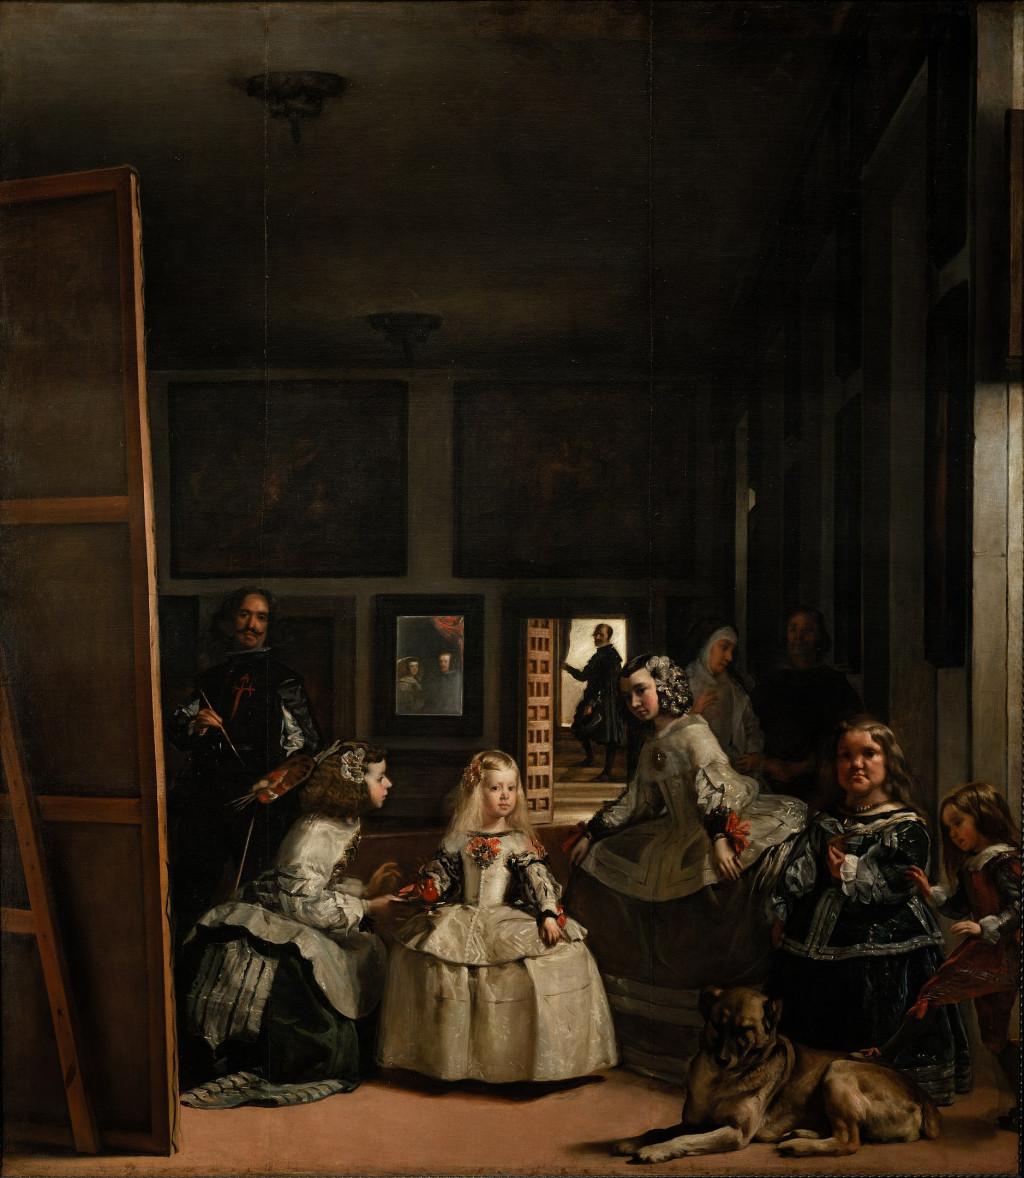 """Diego Velázquez, """"Las Meninas,"""" 1656. Collection Museo del Prado, Madrid. Creative Commons 0: Public Domain."""